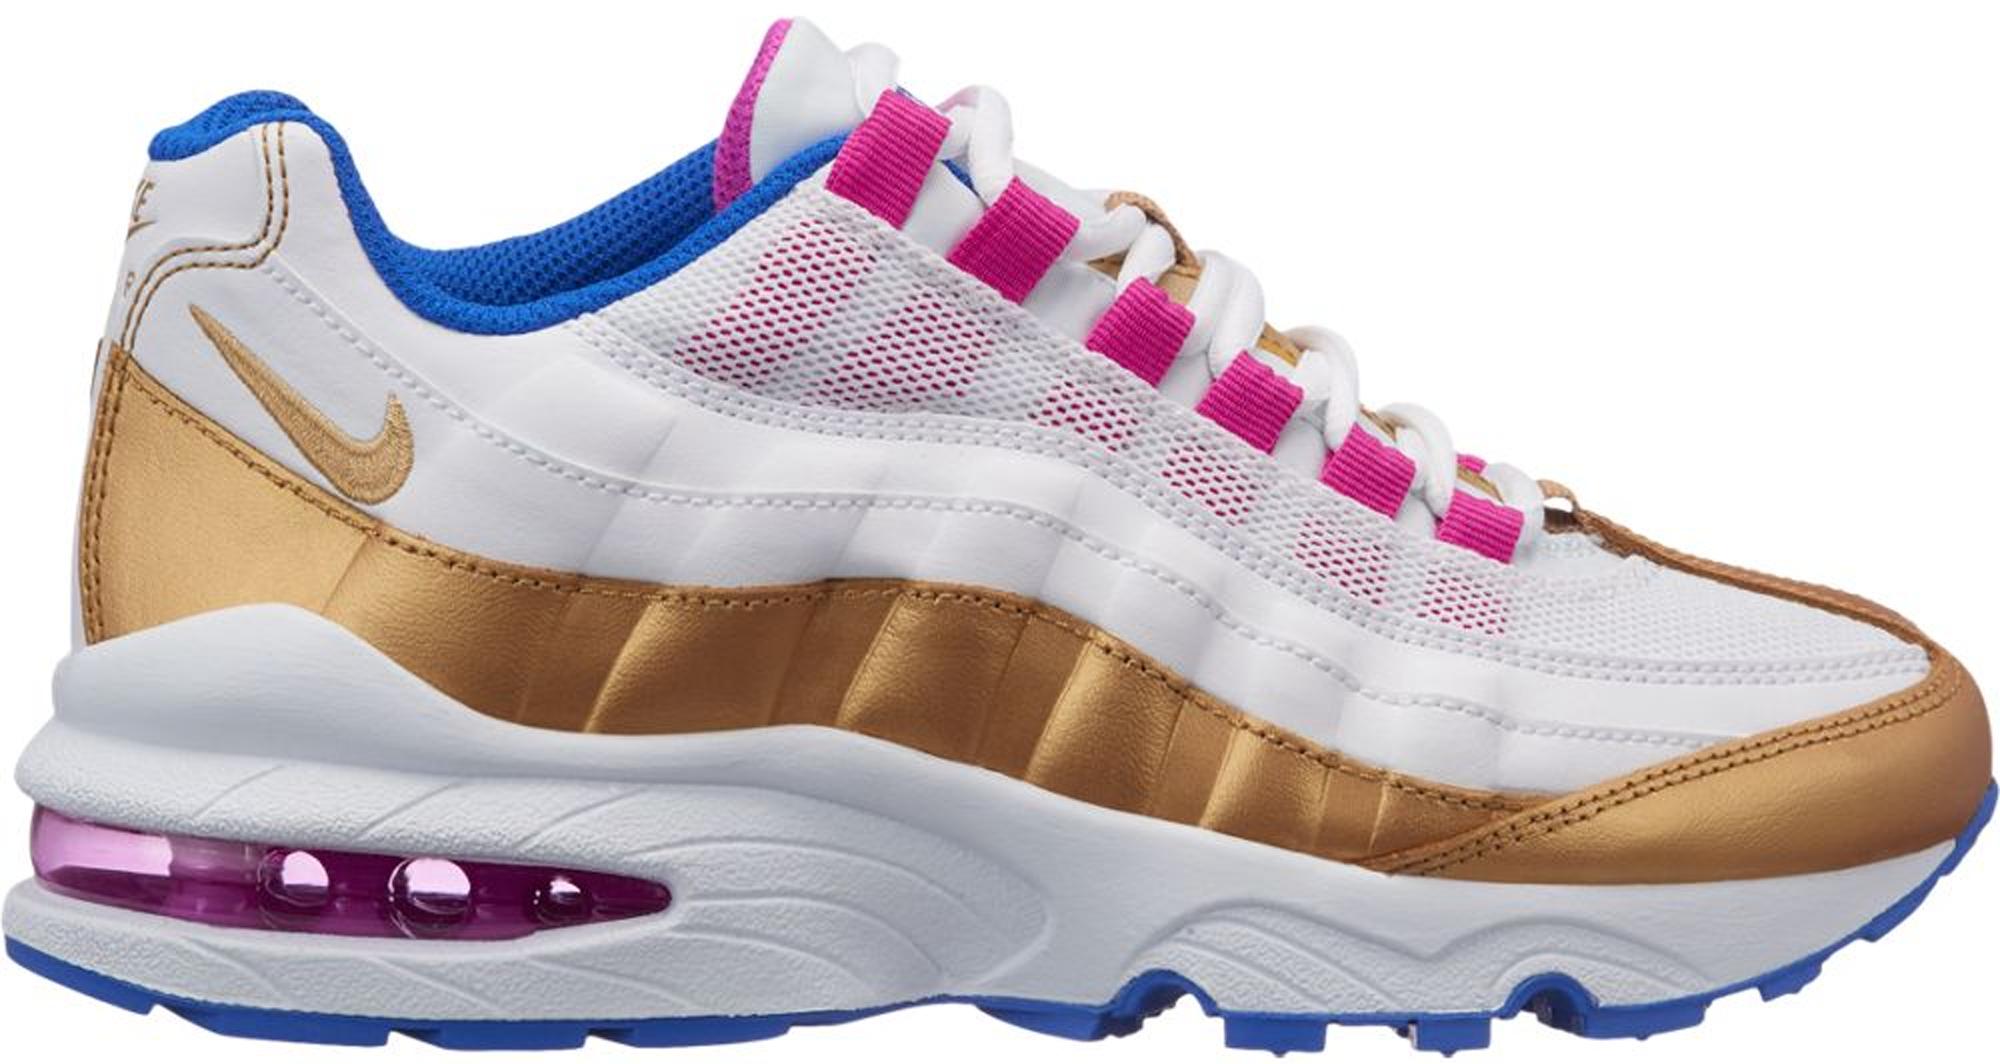 Nike Air Max 95 Peanut Butter \u0026 Jelly